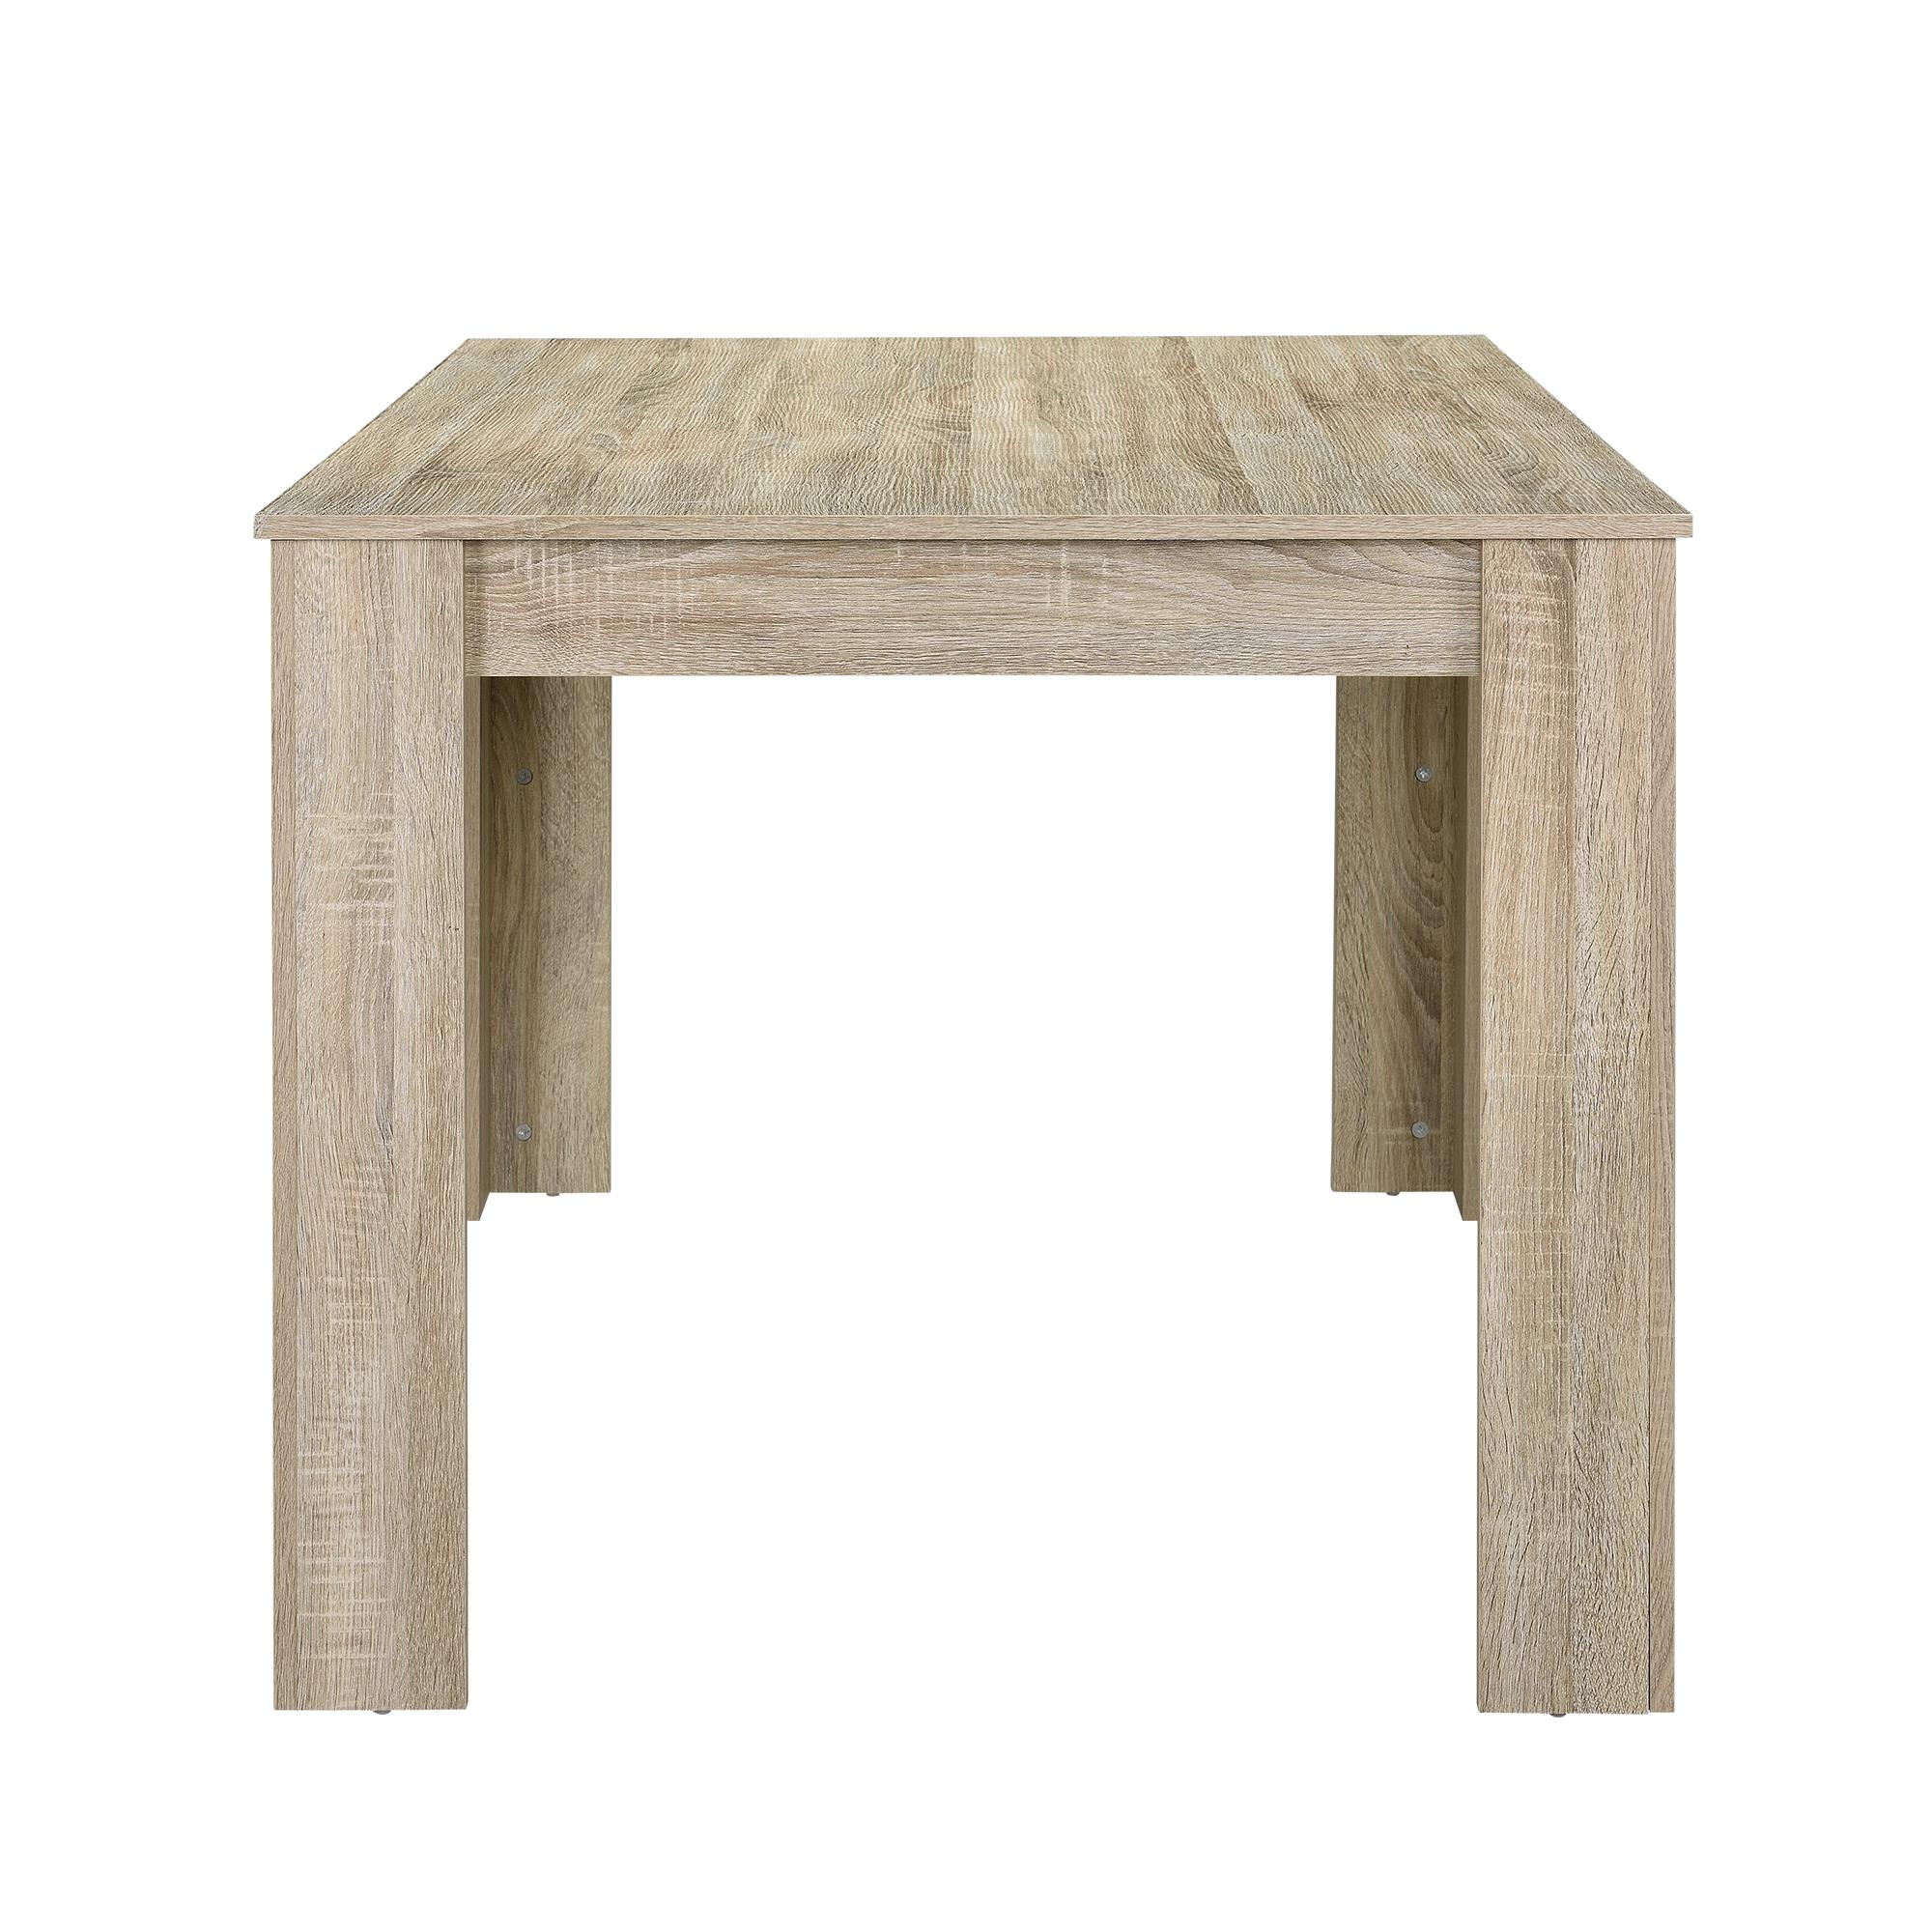 Table de salle manger nora 140x90 ch ne c rus for Table de salle a manger hauteur 90